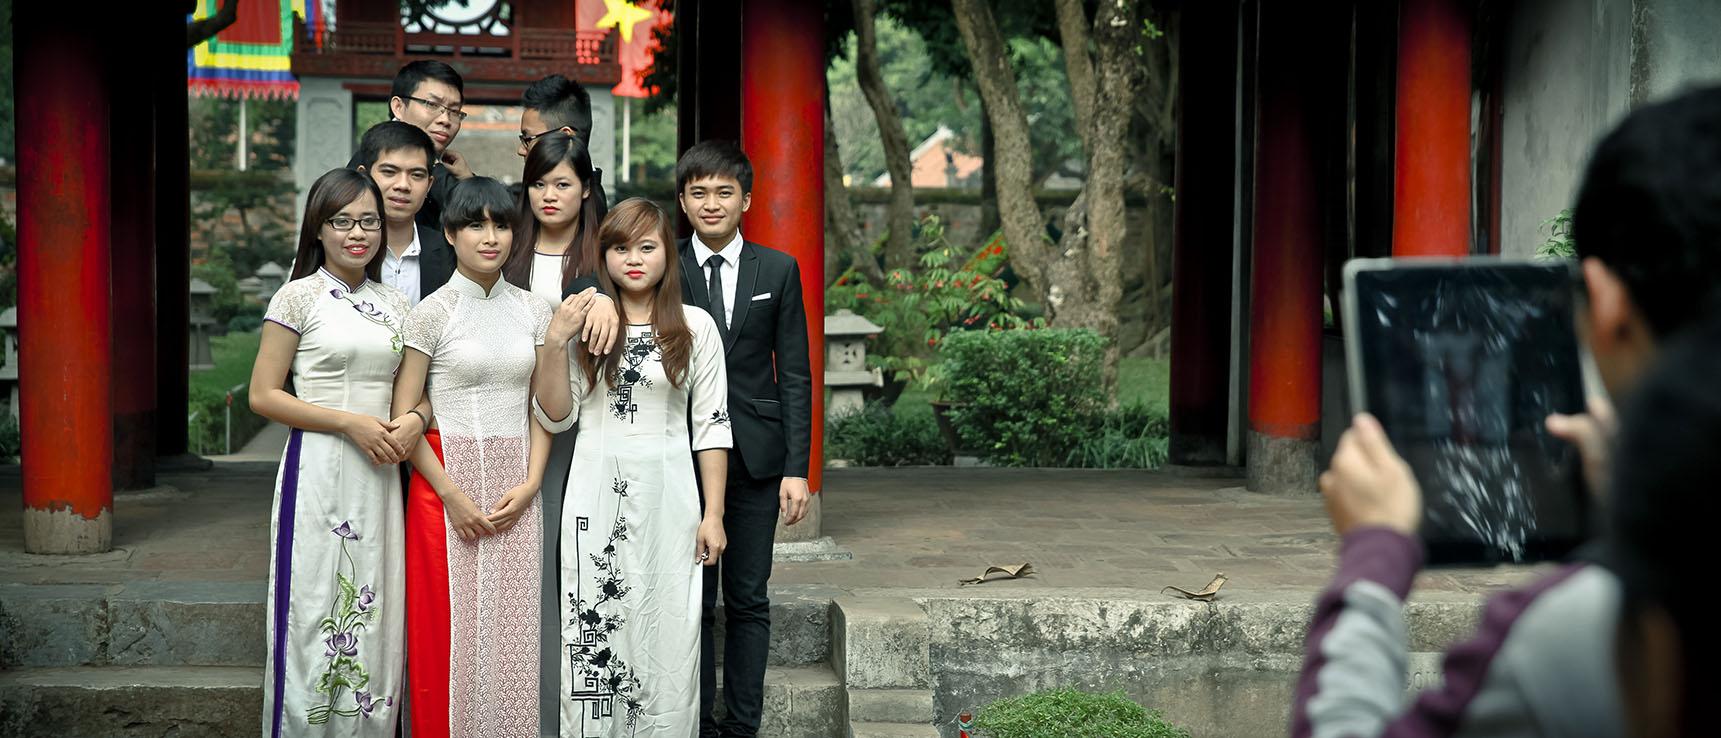 Temple de la littérature hanoi vietnam étudiants